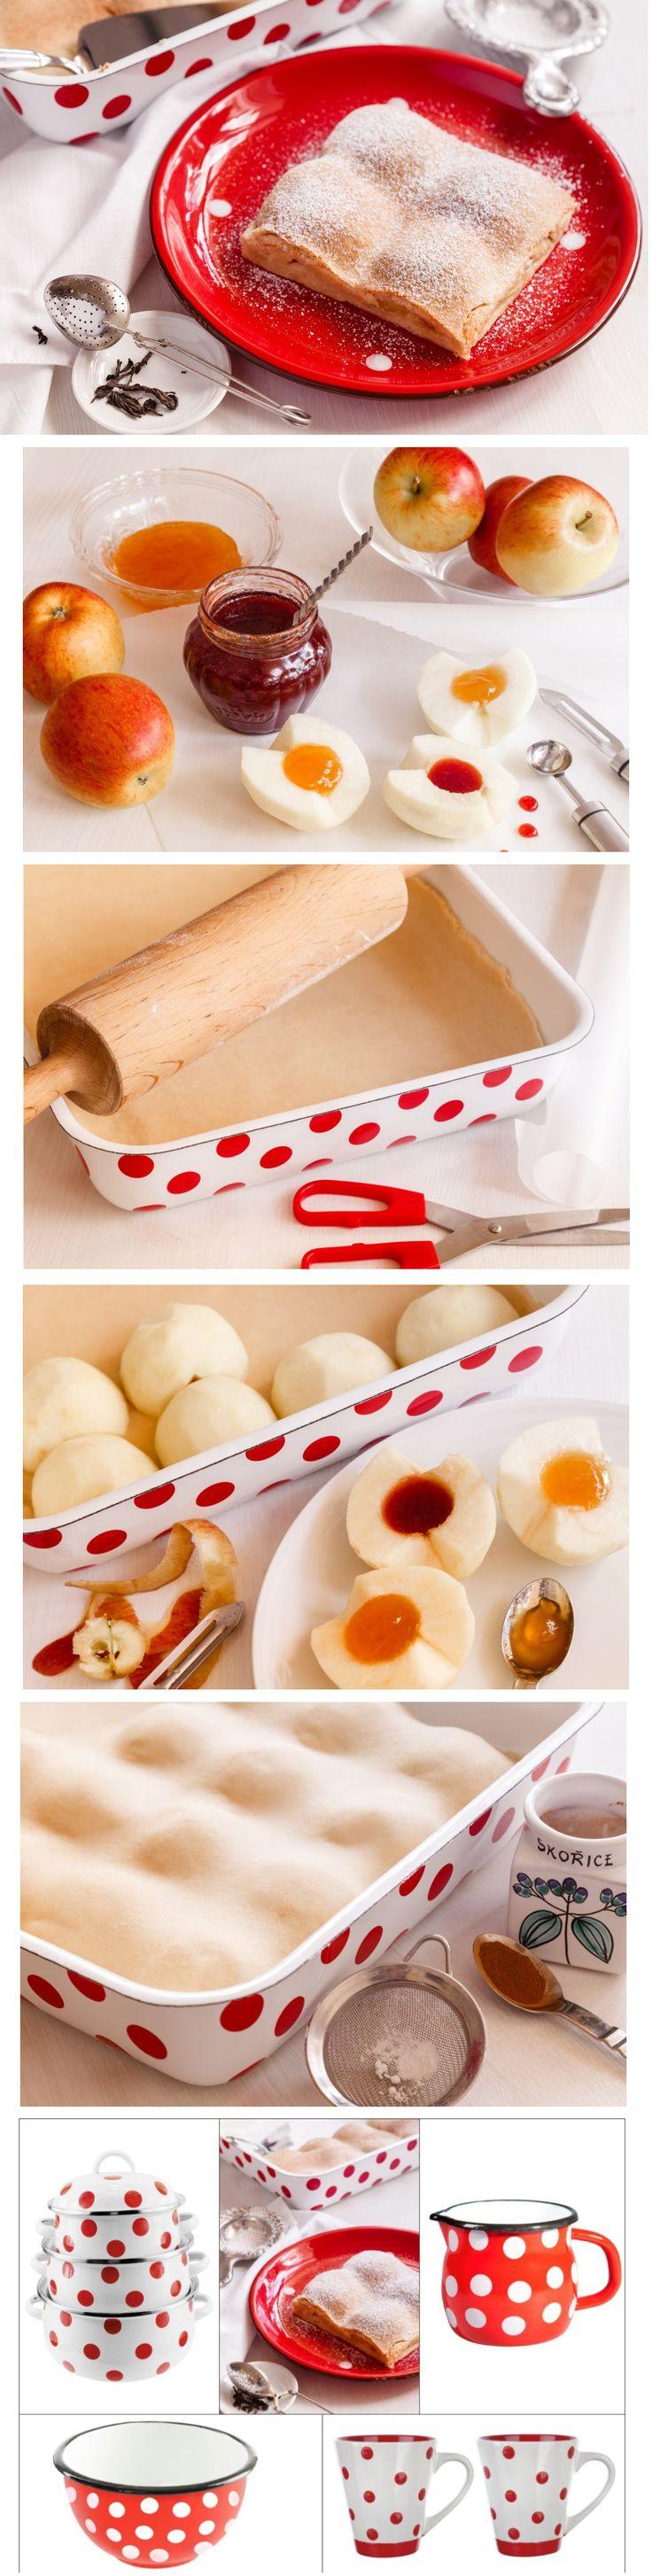 Každý, kdo miluje štrůdly a ostatní jablečné moučníky, ví, že jejich příprava je…